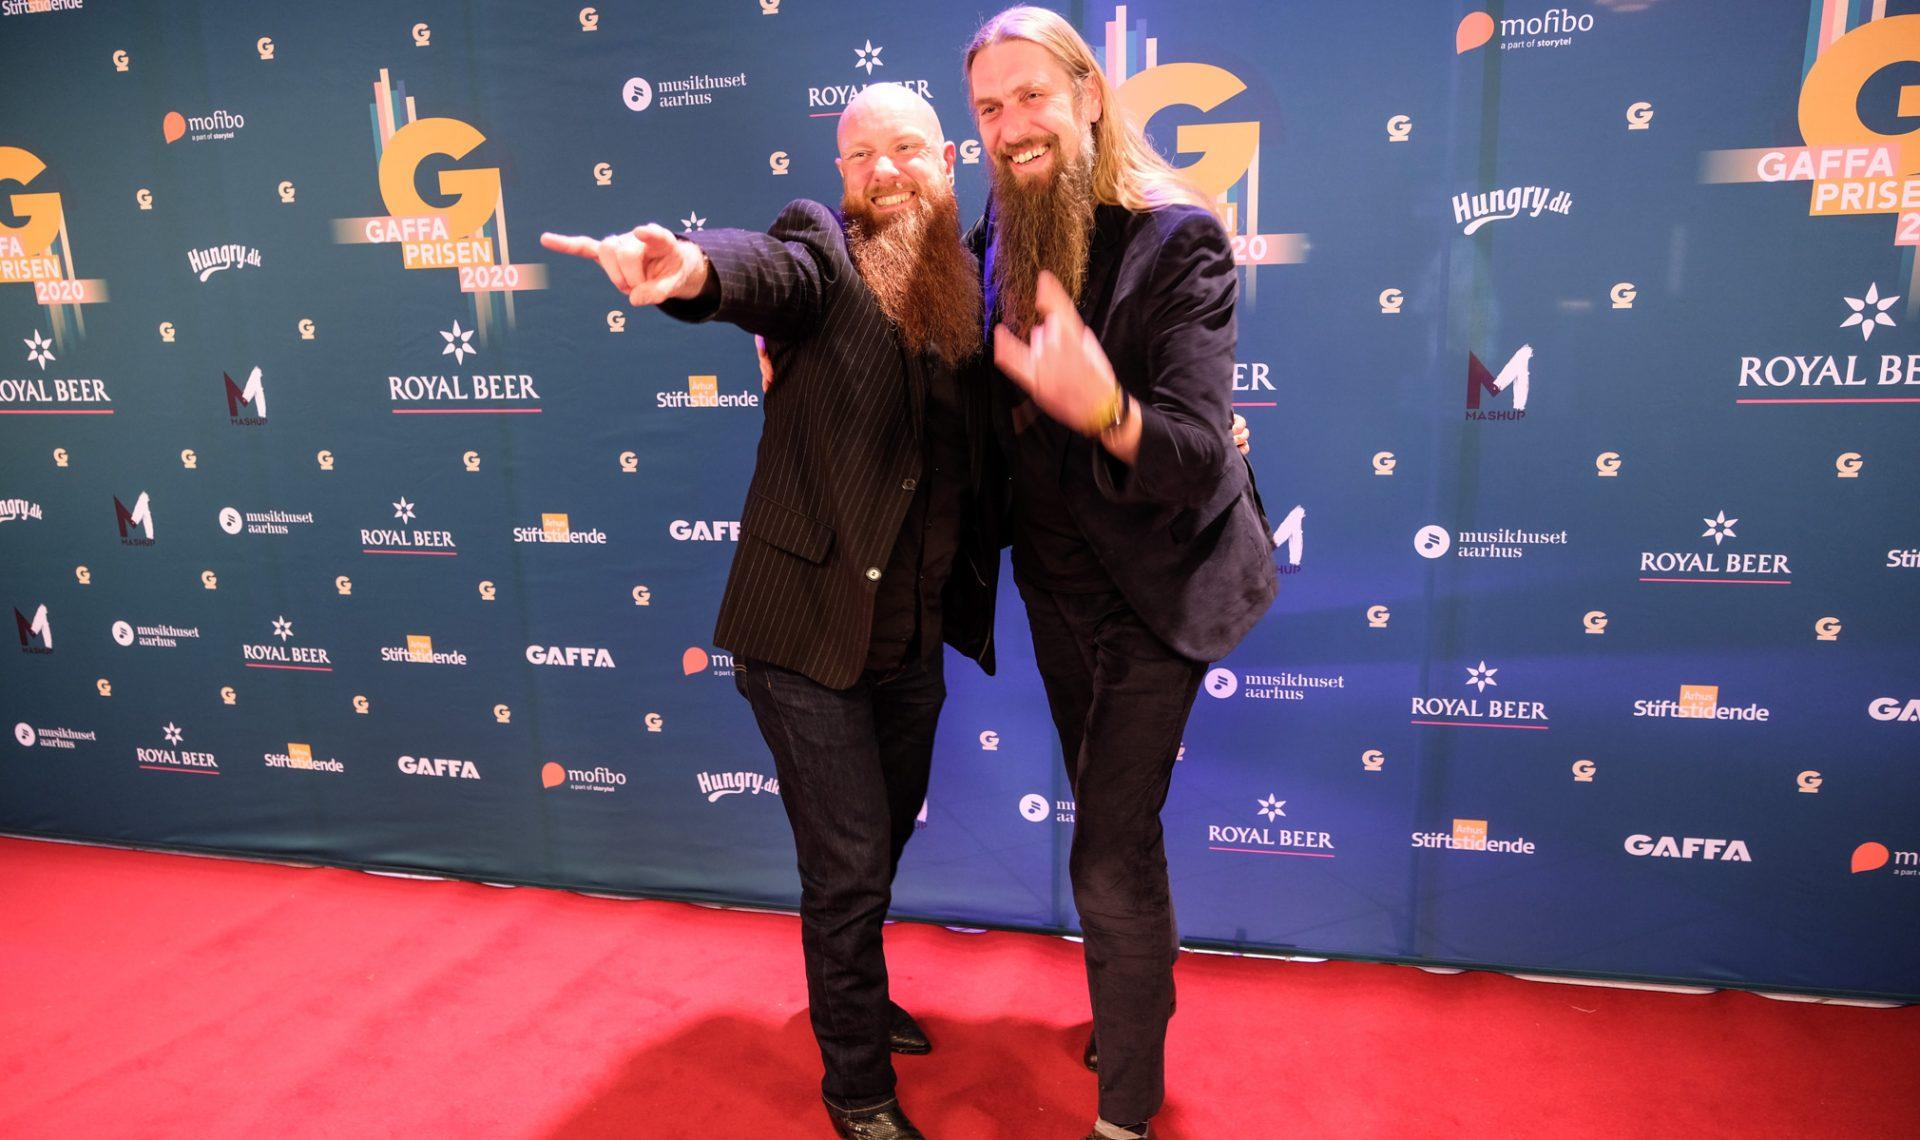 Gaffa-prisen 2020 i Aarhus: Sådan forløb årets musikfest